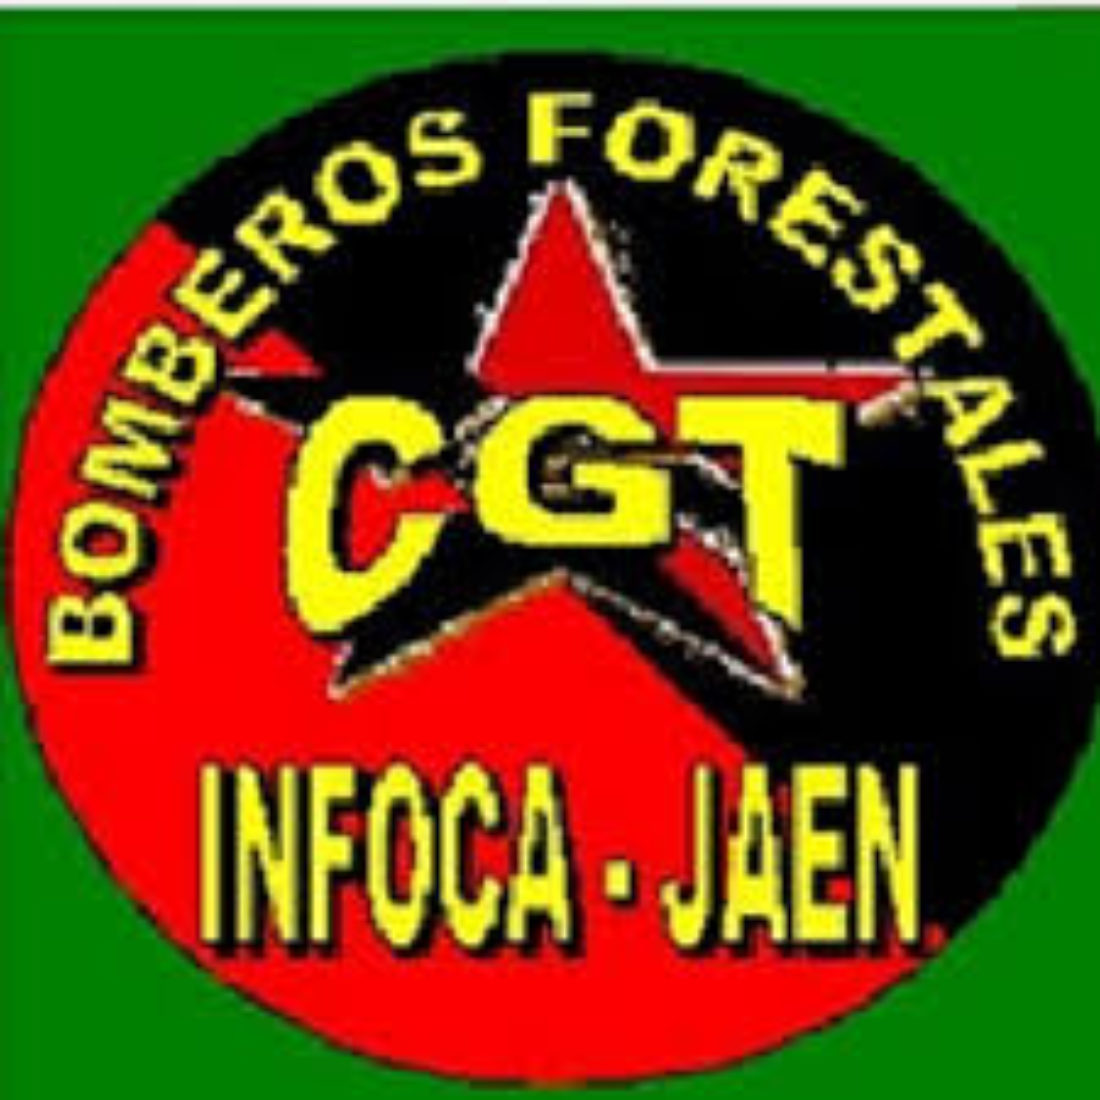 Denuncia de la CGT a la empresa Amaya Jaén